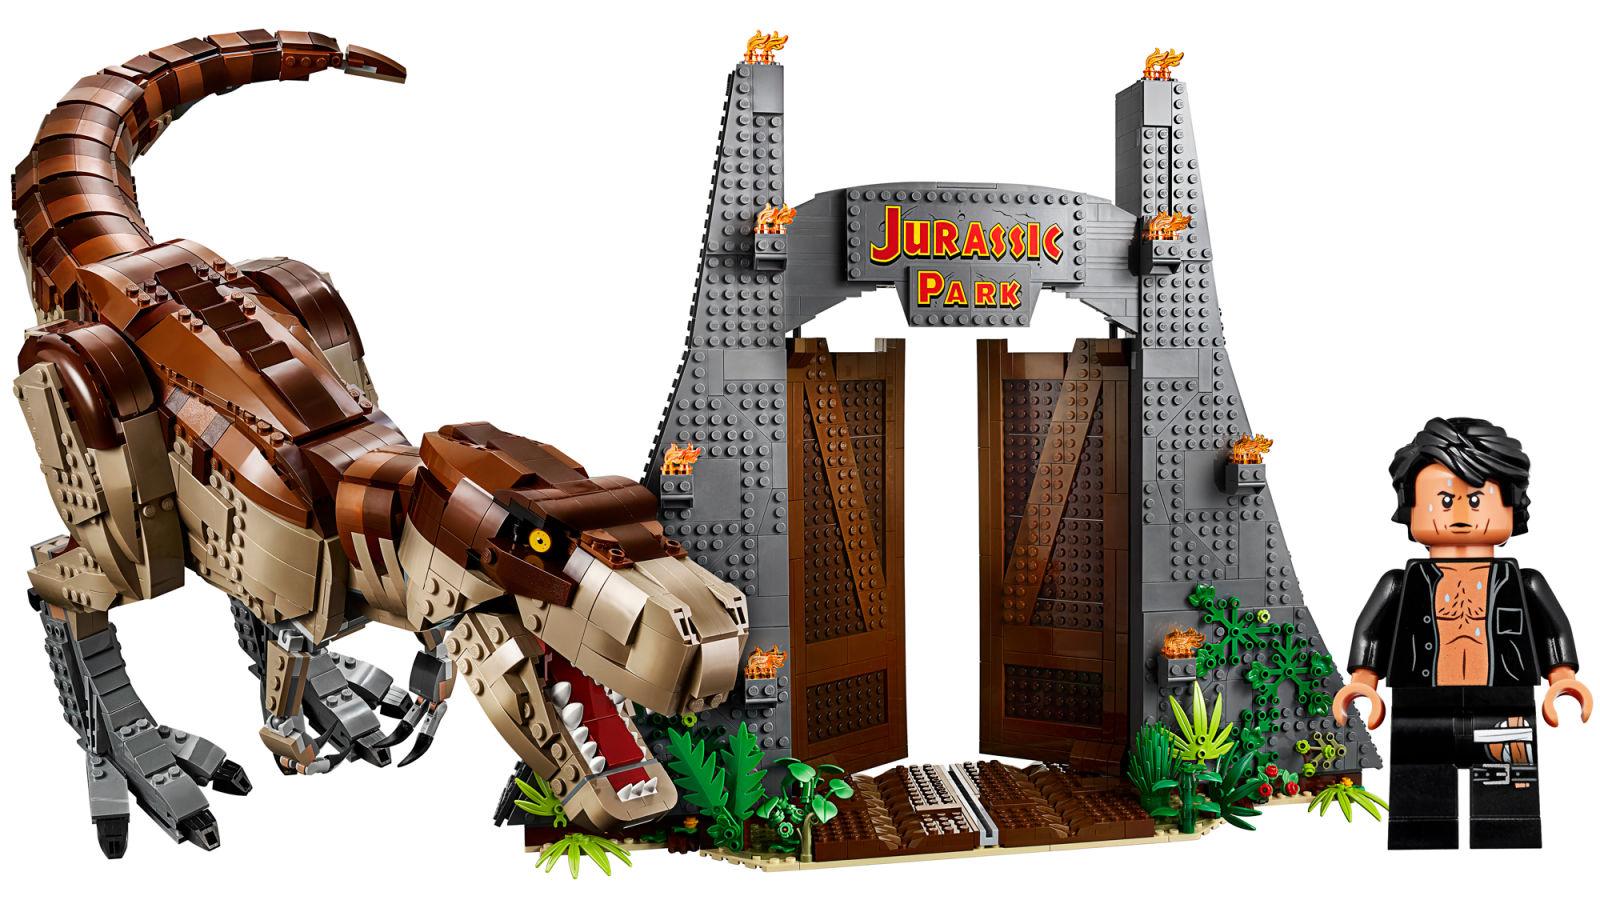 レゴの『ジュラシック・パーク』セットが登場! 胸はだけたジェフ・ゴールドブラムが手に入るんだ、いっちゃうしかないでしょ